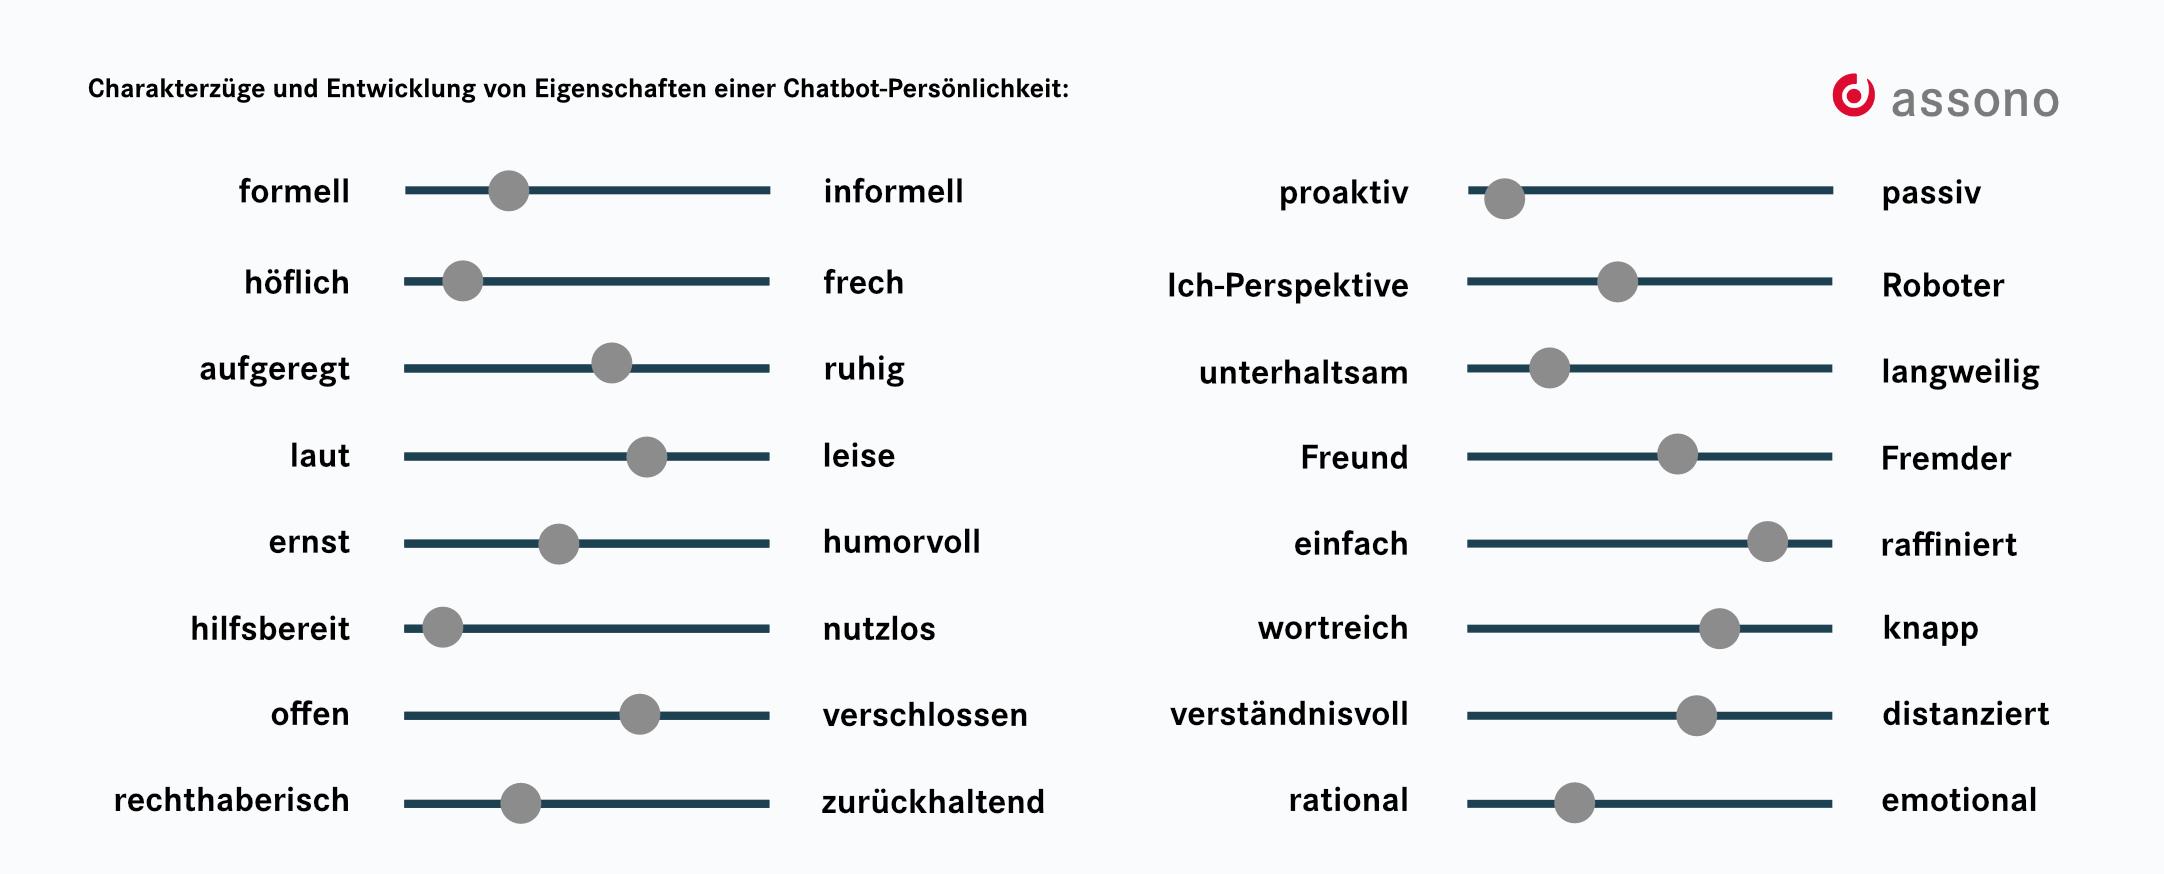 Charakterzüge und Entwicklung von Eigenschaften einer Chatbot-Persönlichkeit